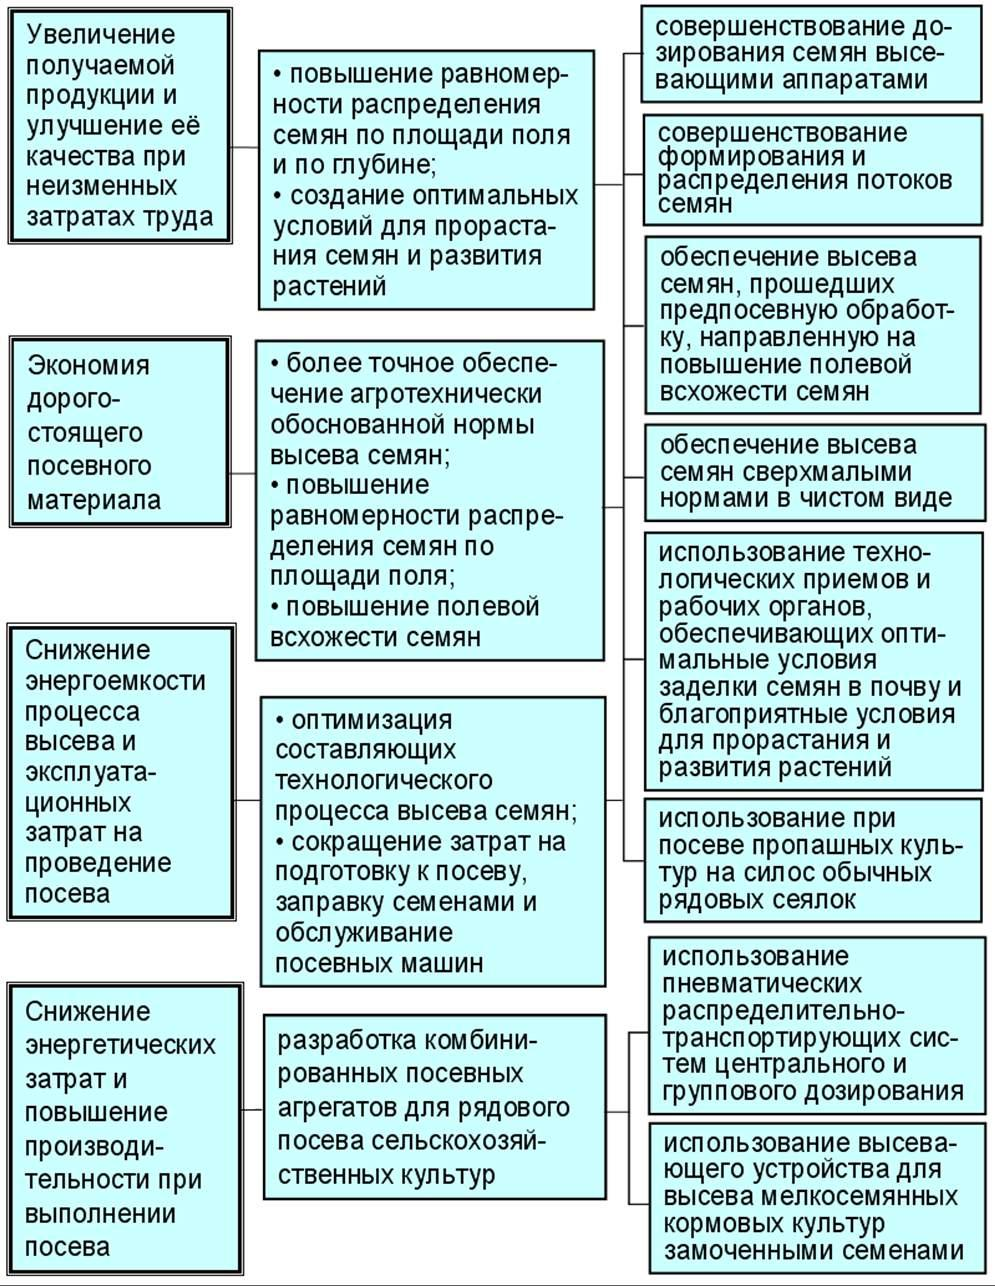 Некроз. причины, механизм развития, морфологические признаки. клинико-морфологические формы некроза.